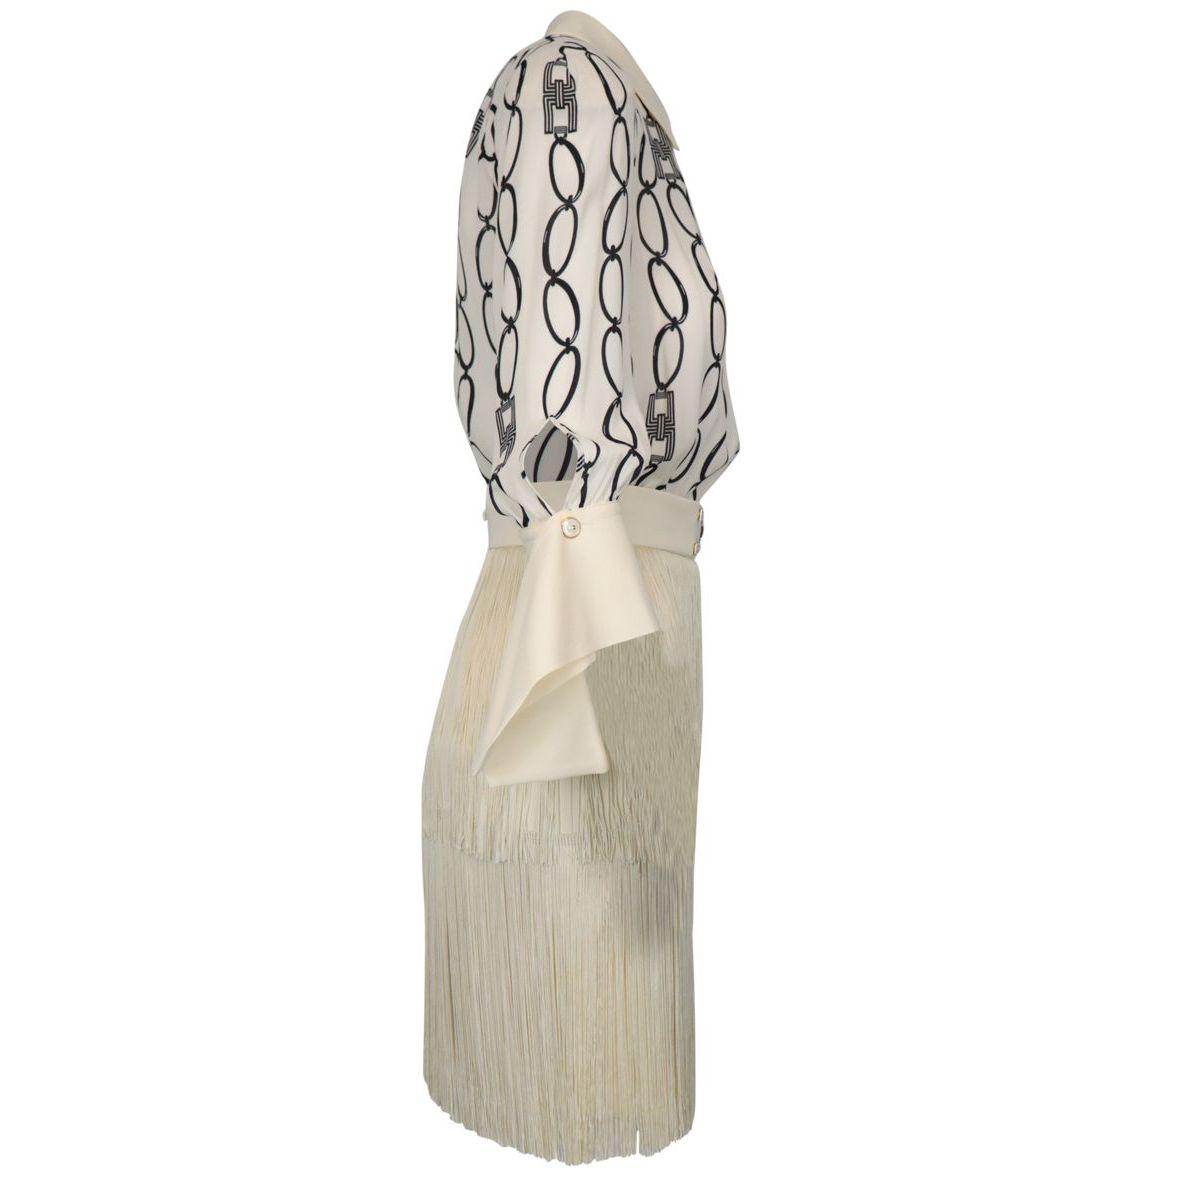 Georgette and crepe dress with fringes Butter / black Elisabetta Franchi